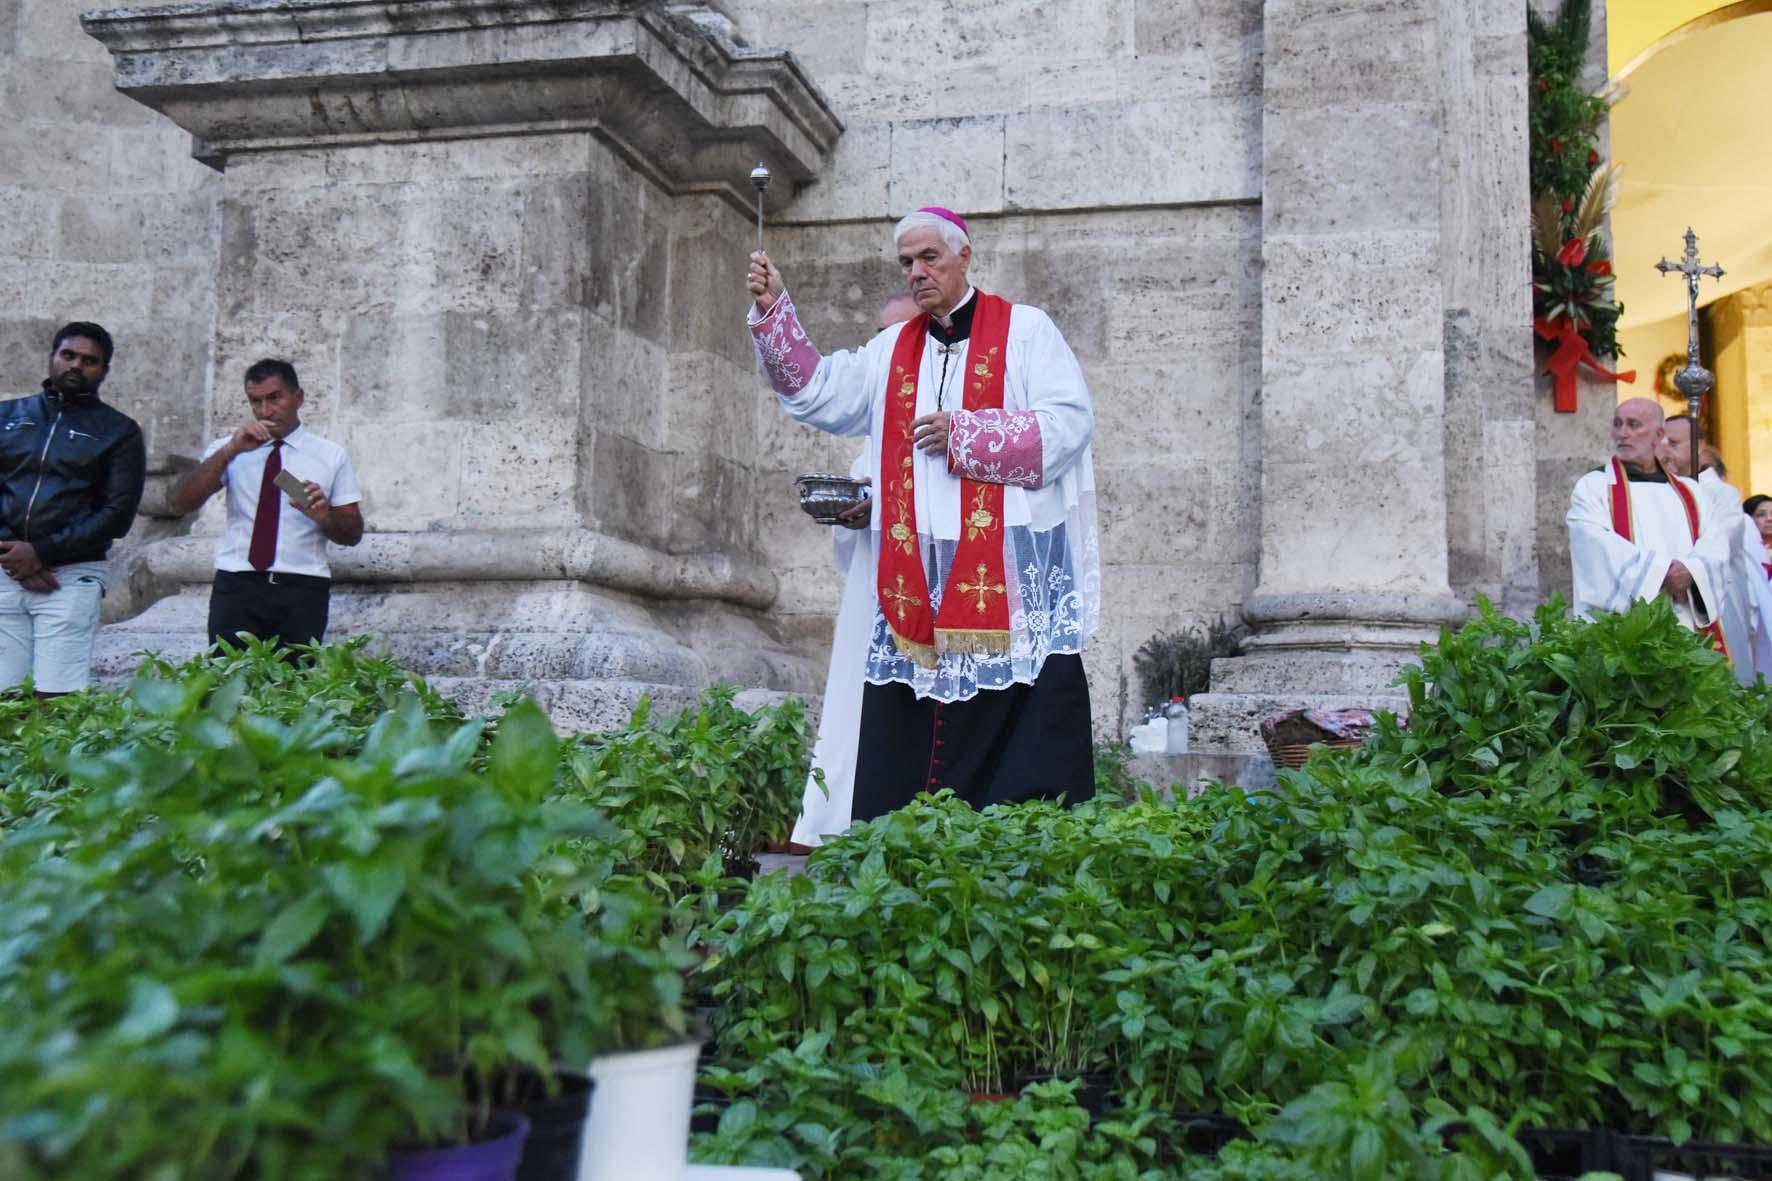 bened basilico 14